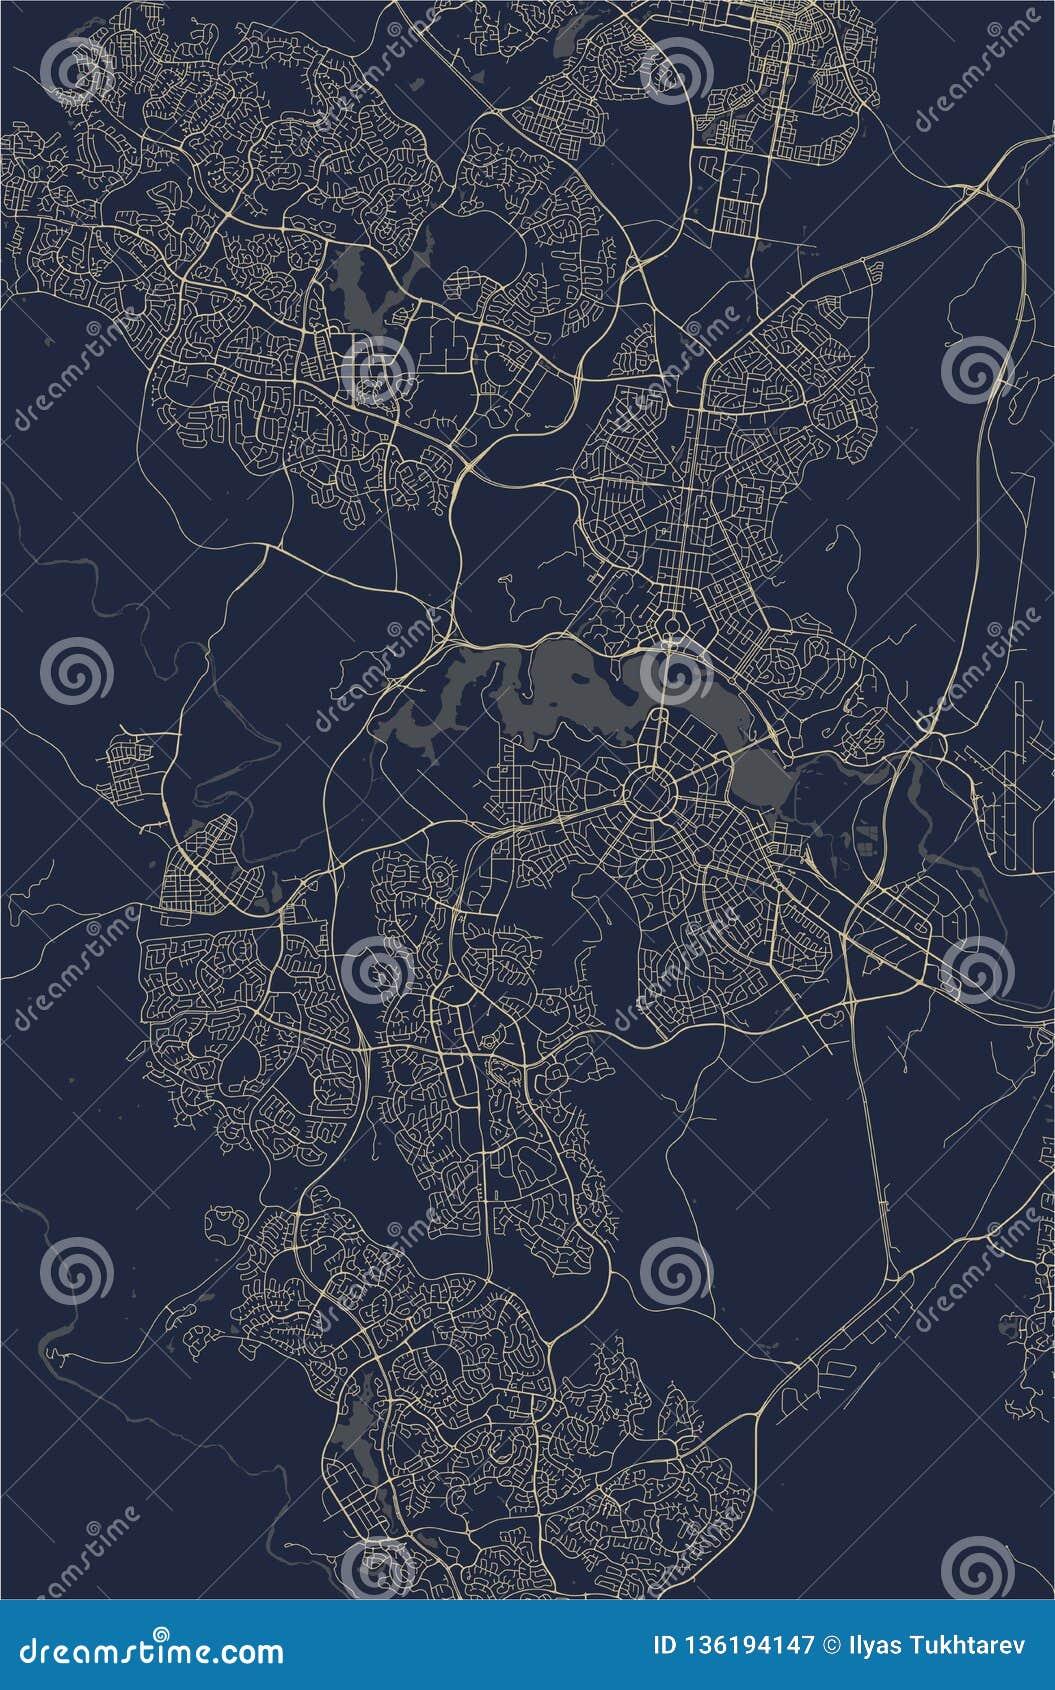 Carte de la ville de Canberra, territoire capitale australien, Australie